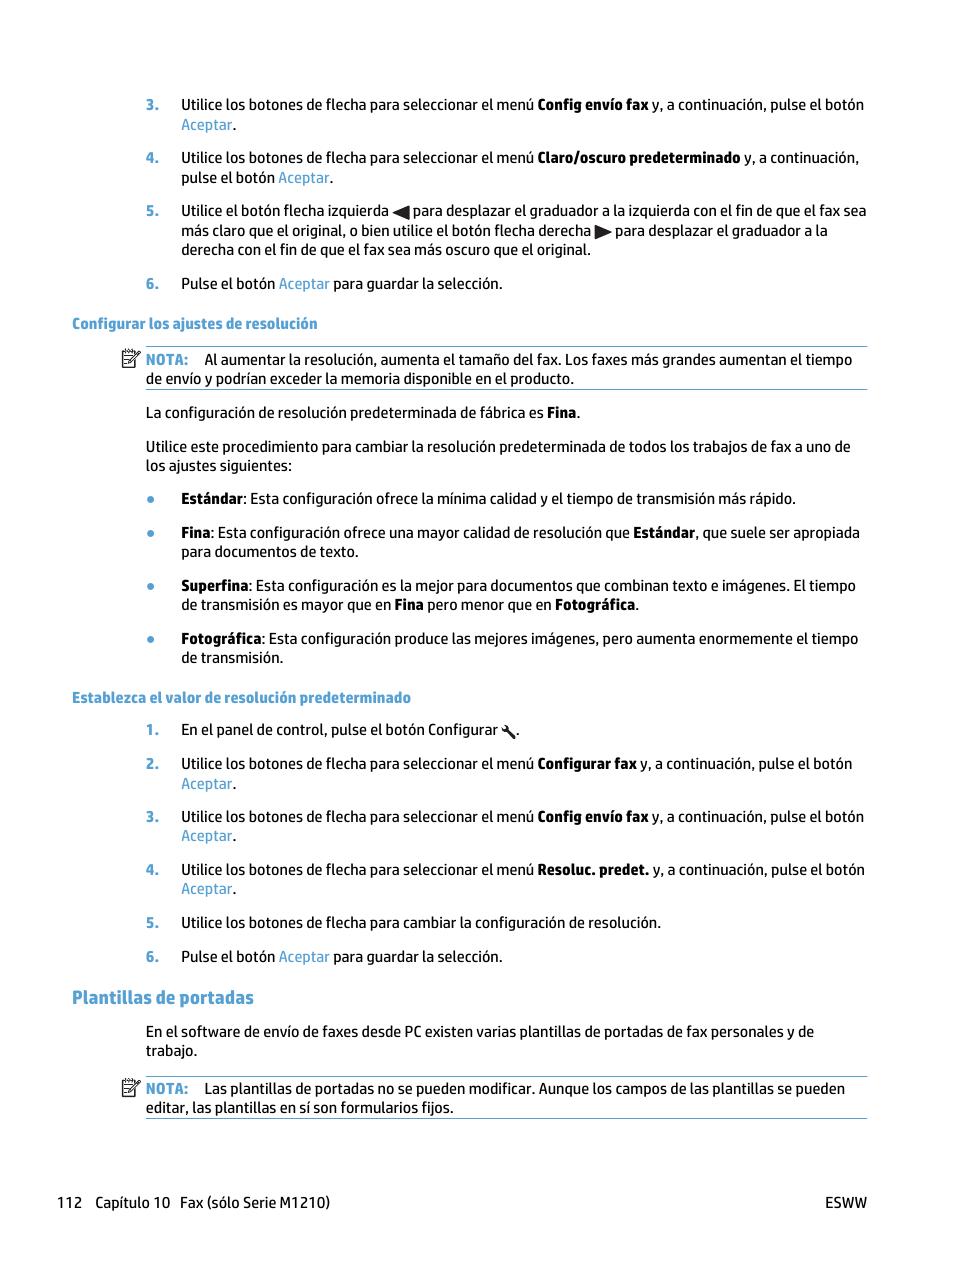 Configurar los ajustes de resolución, Plantillas de portadas | HP ...